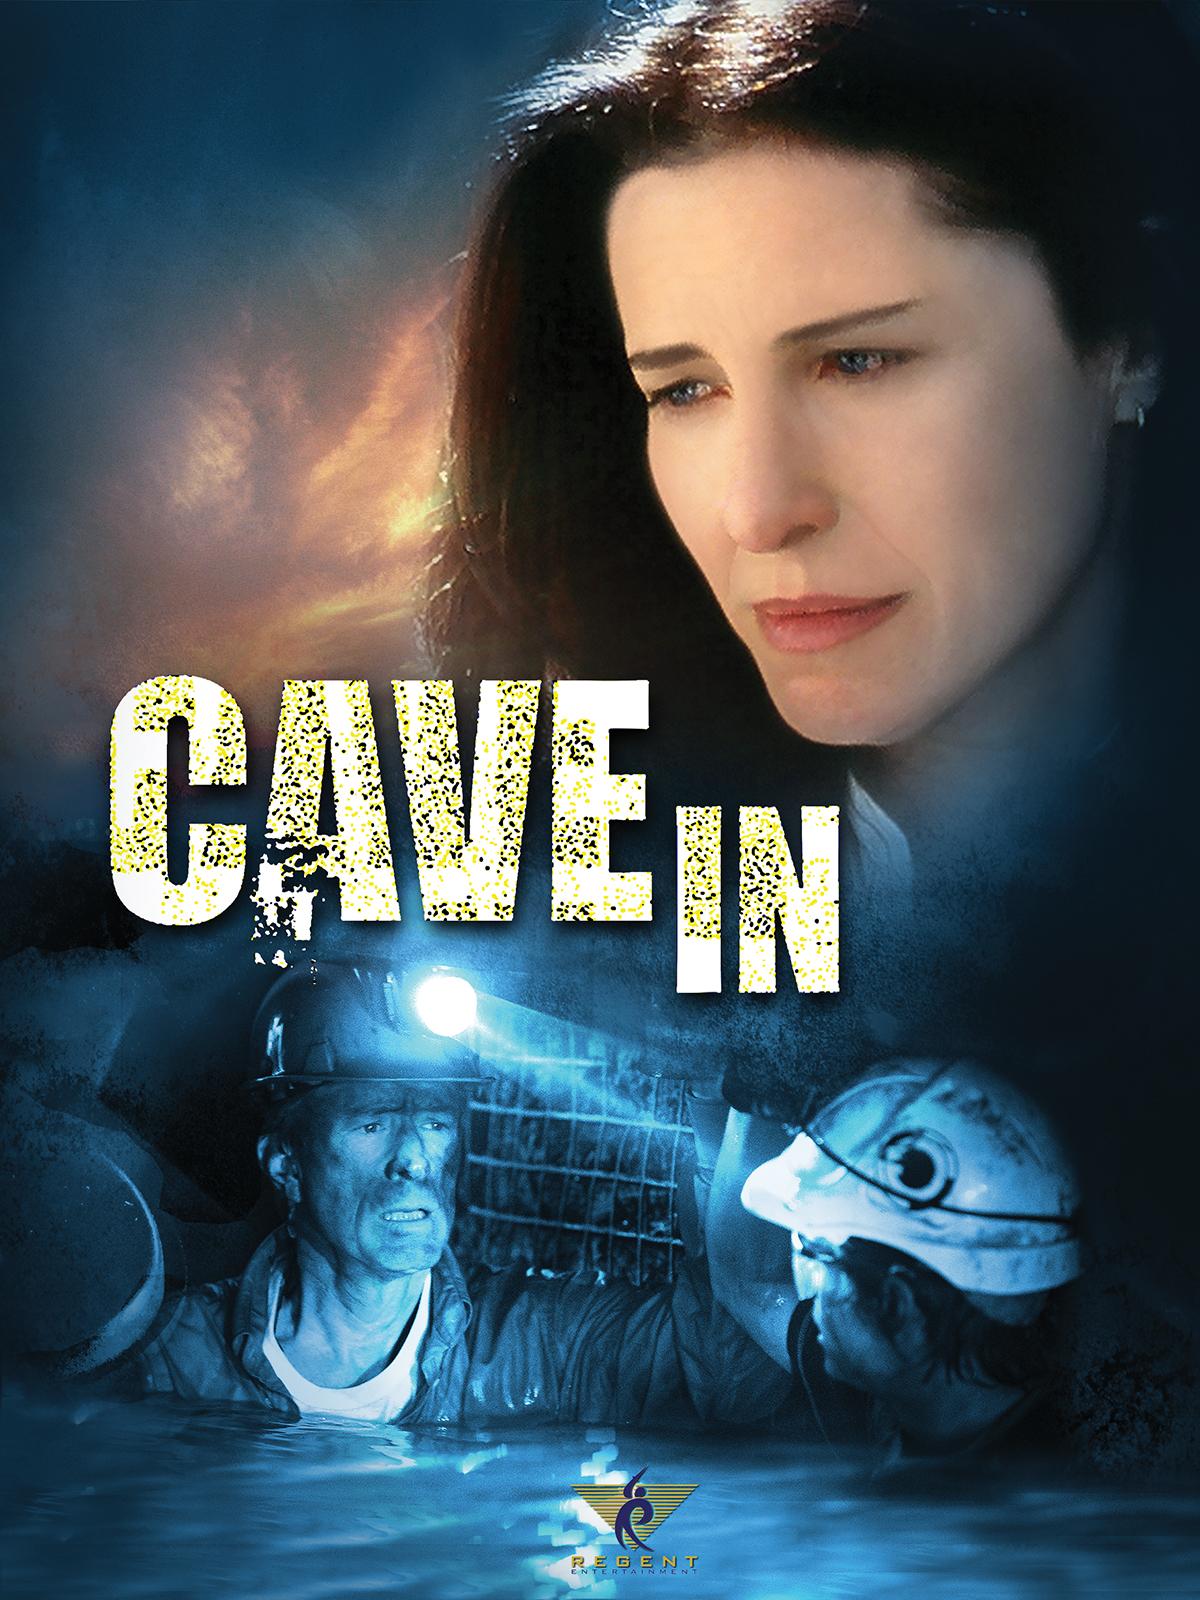 Here-CaveIn-Full-Image-en-US.jpg